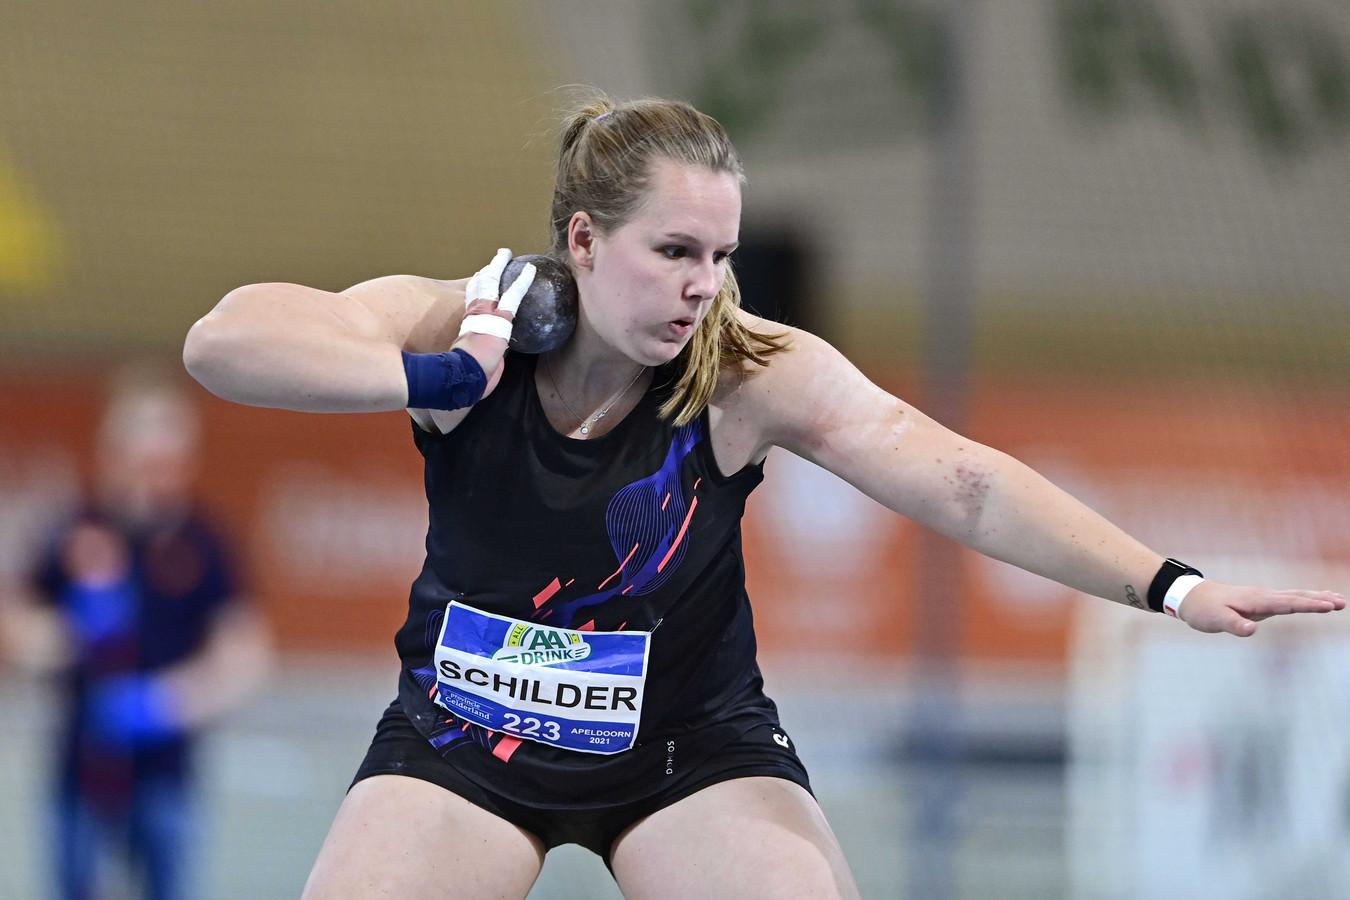 Kogelstootster Jessica Schilder tijdens de Nederlandse kampioenschappen (NK) atletiek.